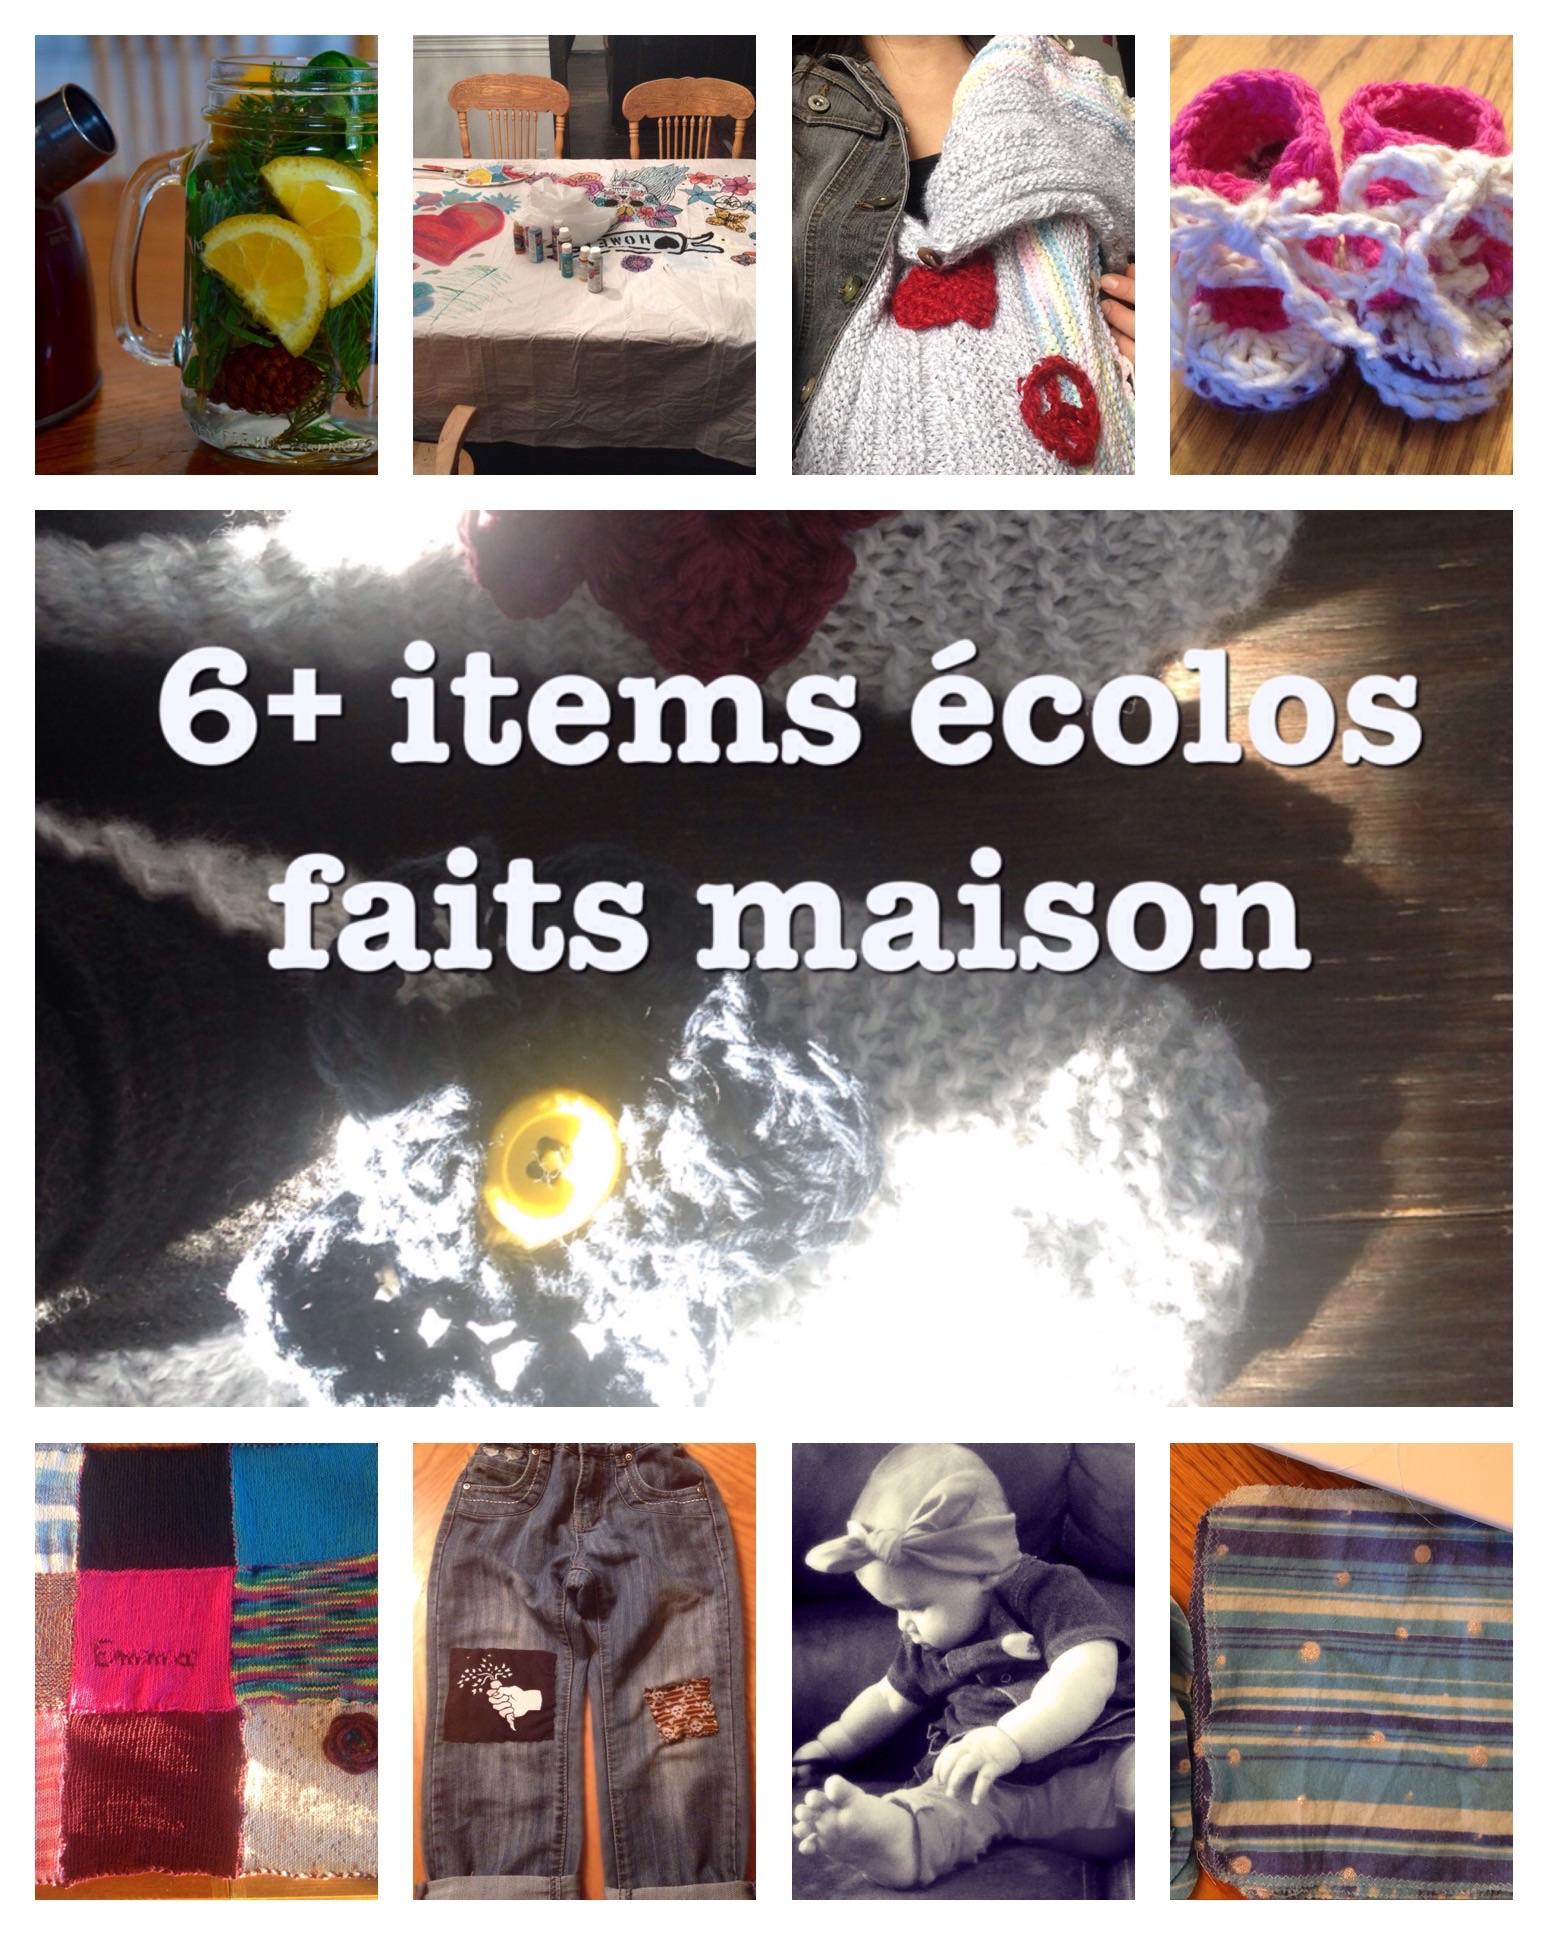 6+ items écolos faits maison, pour soi-même ou cadeaux, Blog Bonheur, zen, famille alternative   Marie-Eve Boudreault, auteure image